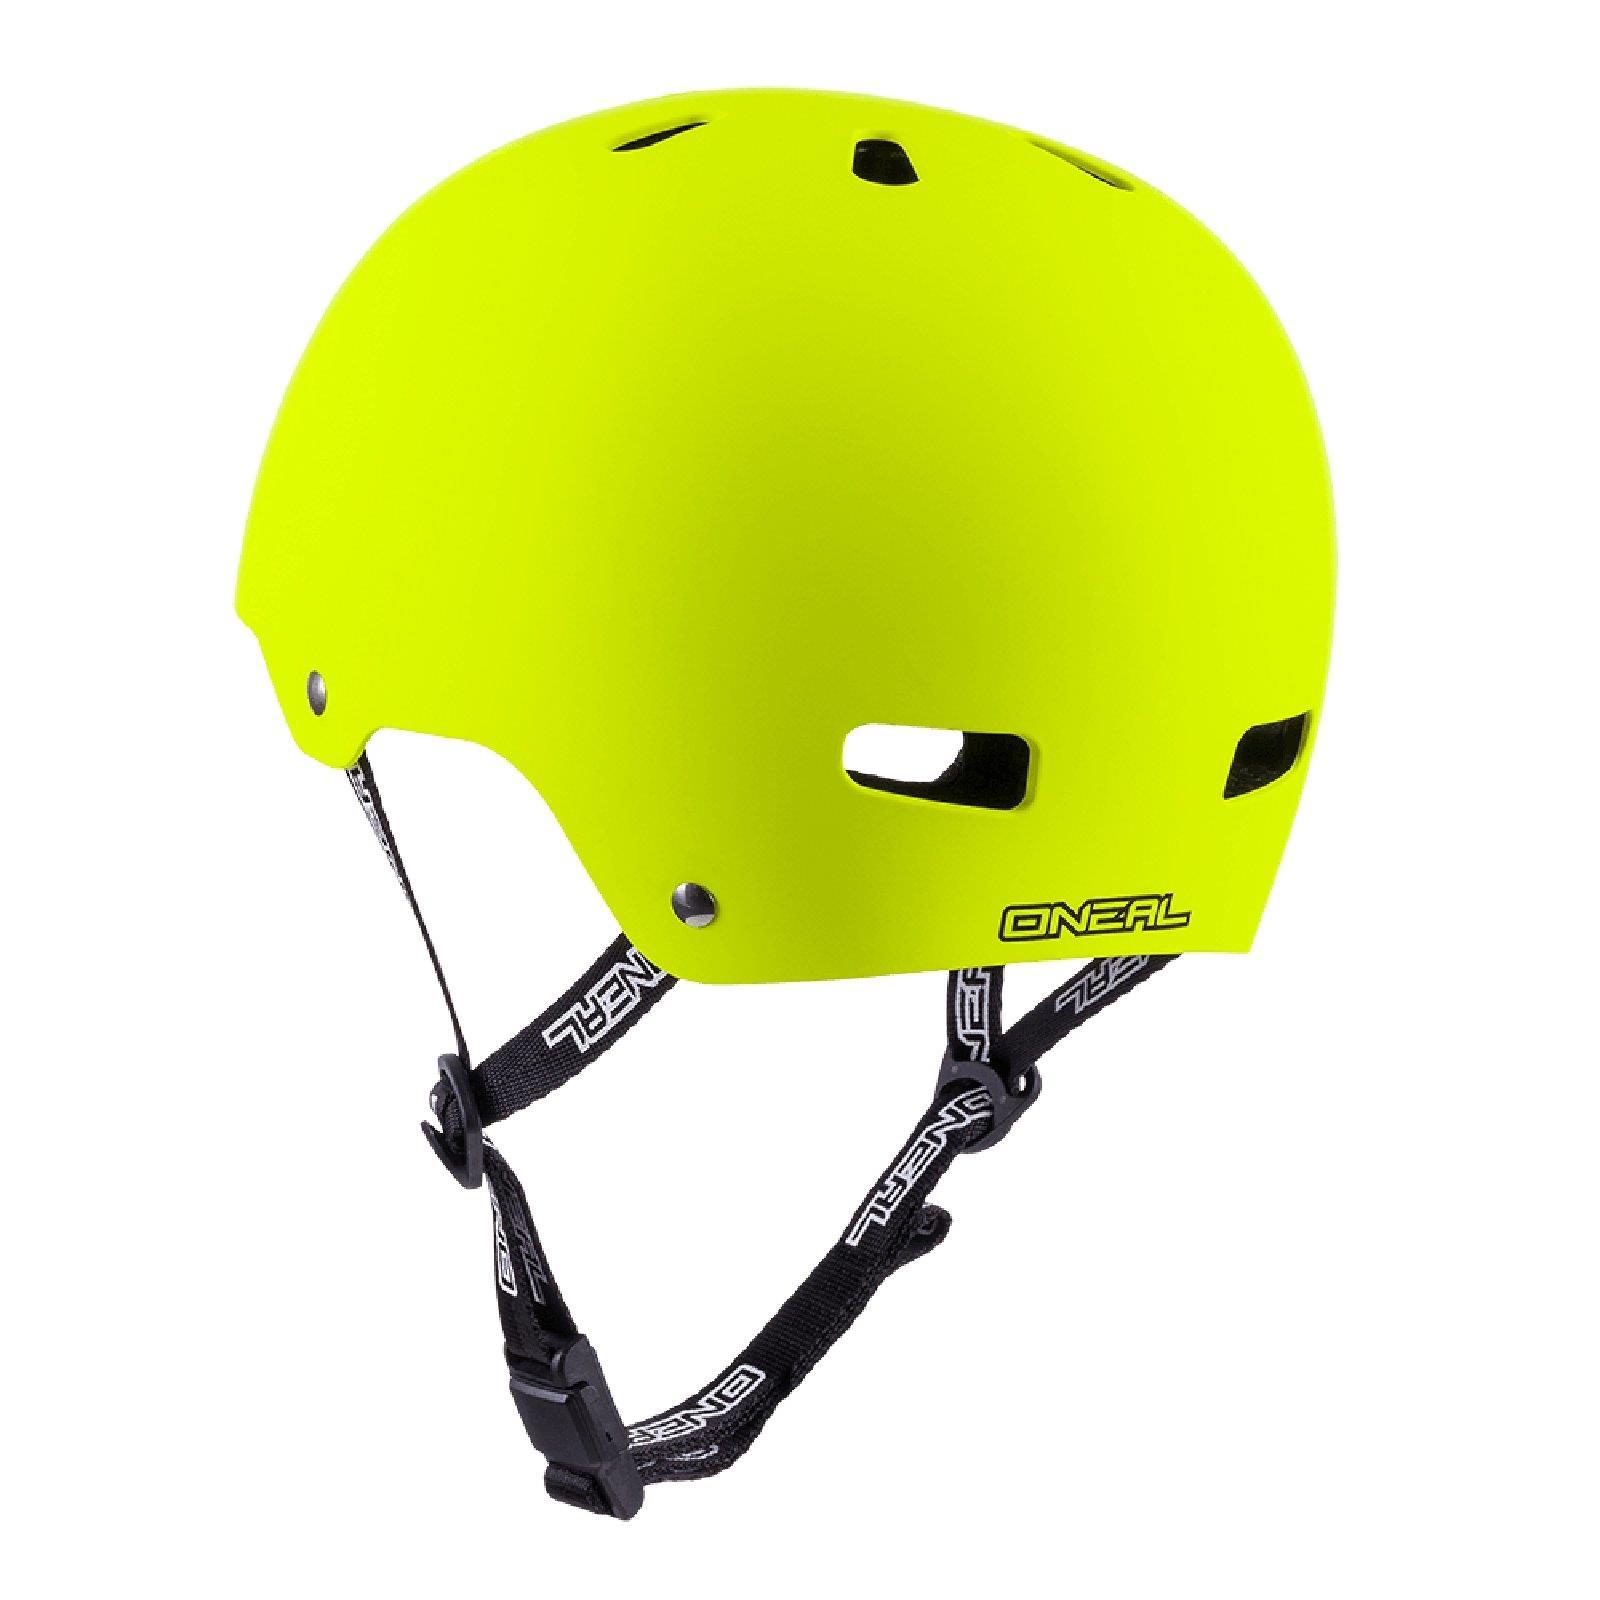 ONeal Dirt Lid ZF Fahrrad Helm DIRT Matt Neon Gelb Gelb Gelb MTB BMX FR Magnet Skate 7515fd